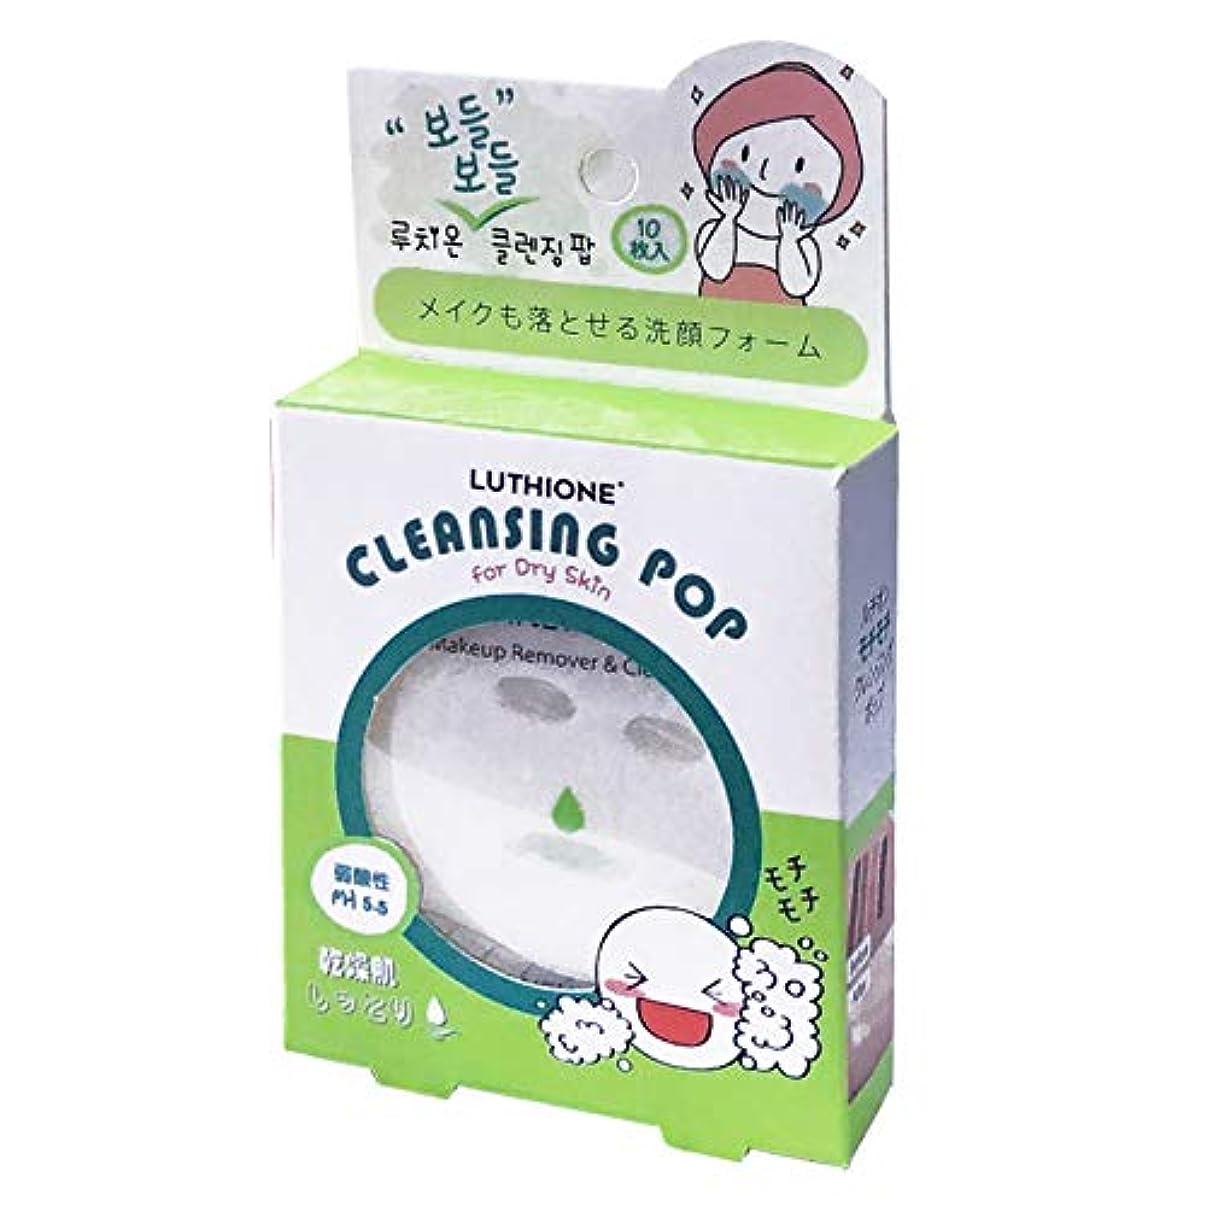 常習的背景勇気のある【まとめ買い】ルチオン クレンジングポップ (LUTHIONE CLEANSING POP) 乾燥肌 10枚入り ×2個